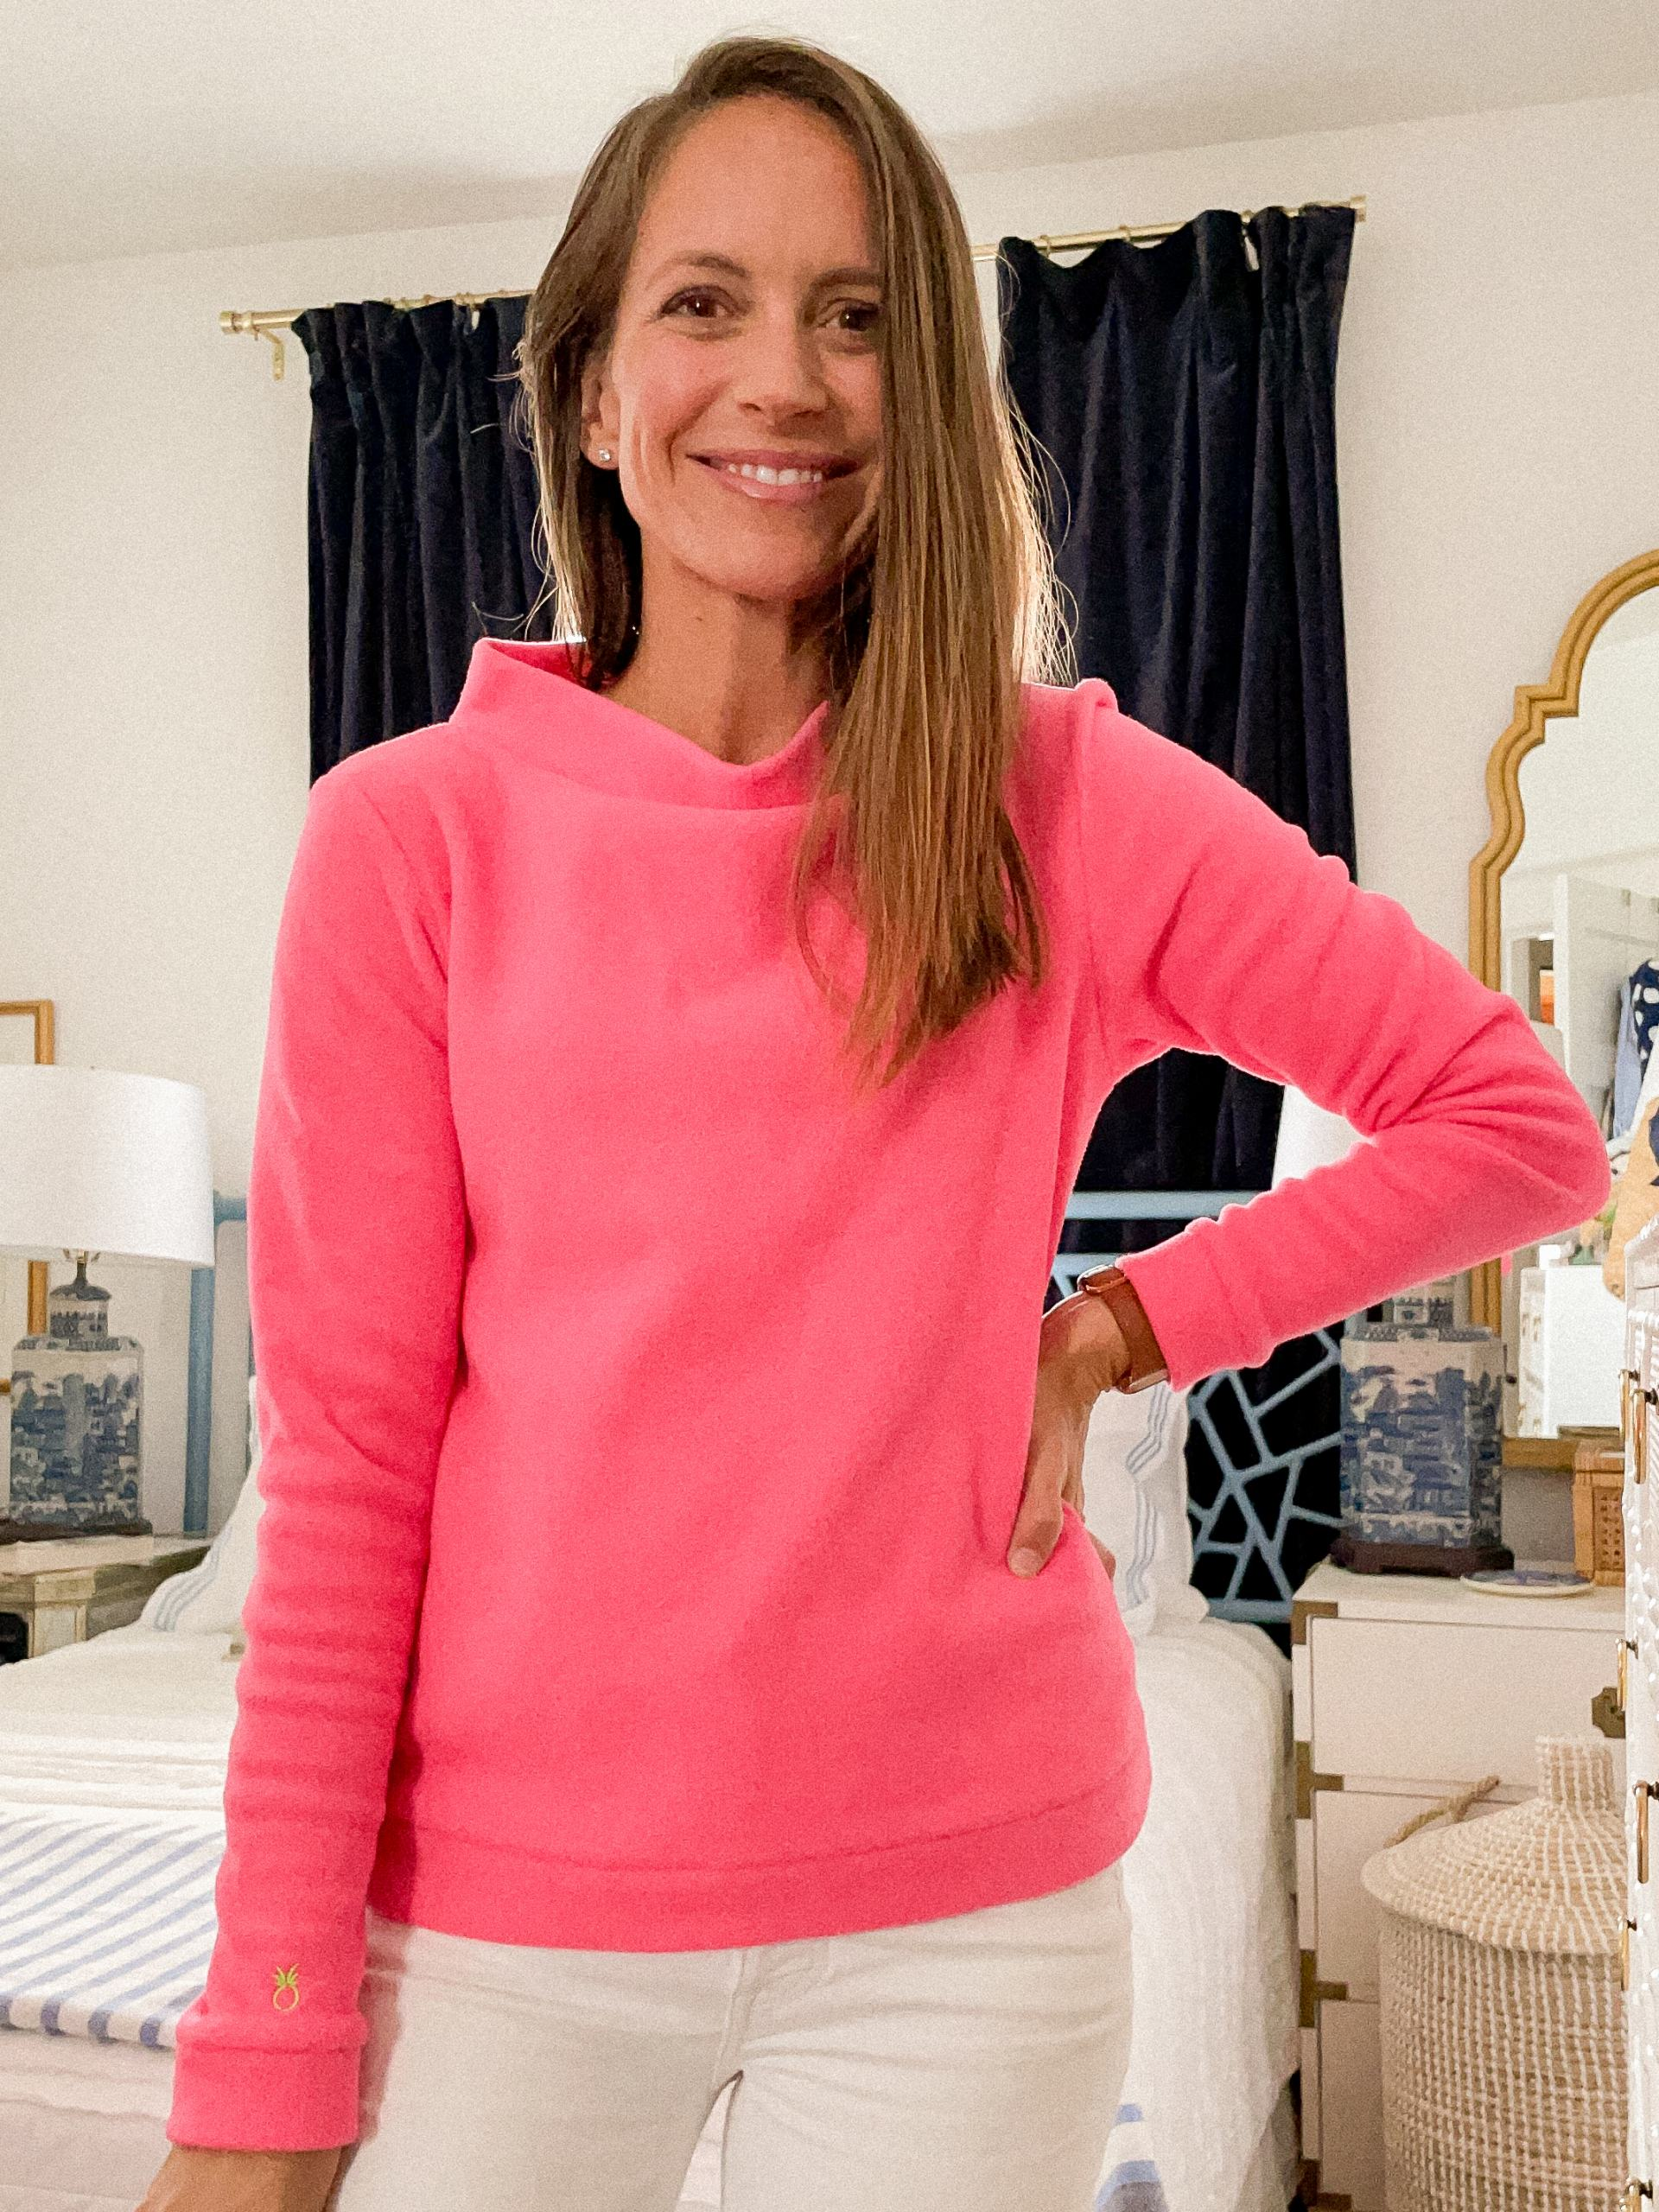 dudley stephens fleece - dudley stephens boatneck fleece - neon pink vello fleece - classic style